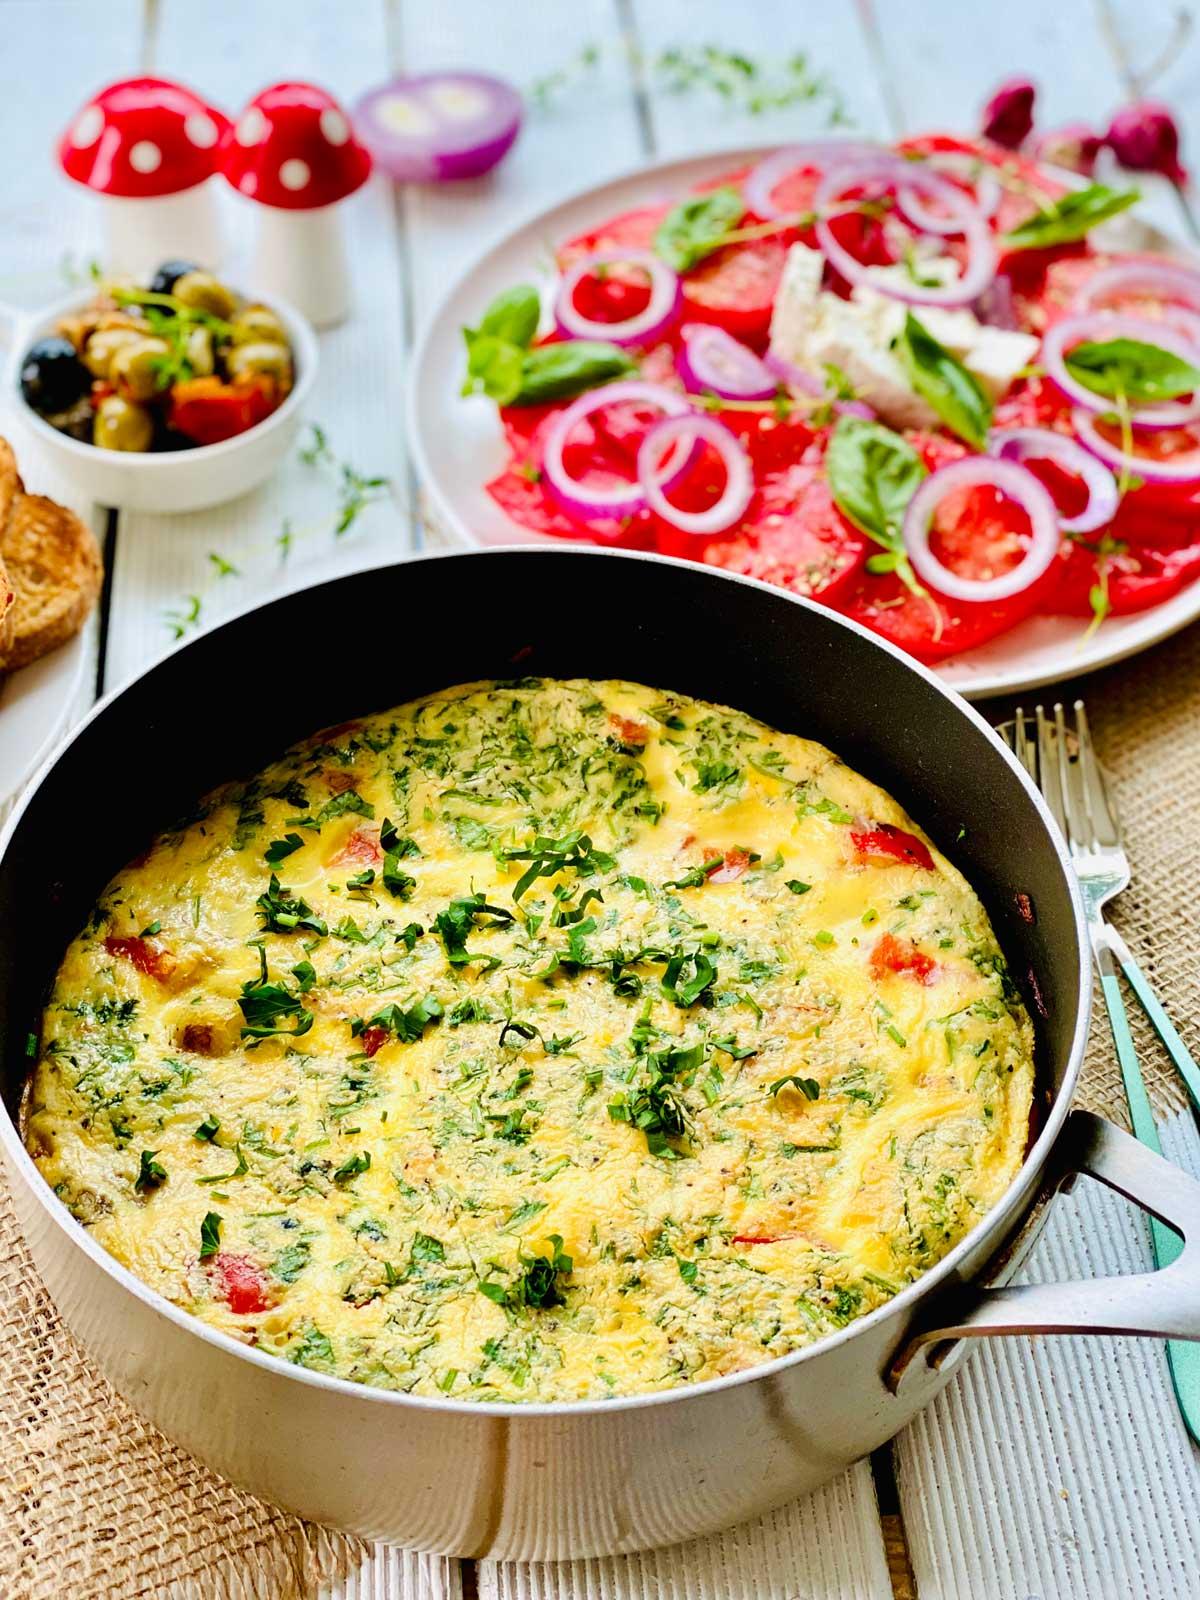 Spanish Omelette In Pot